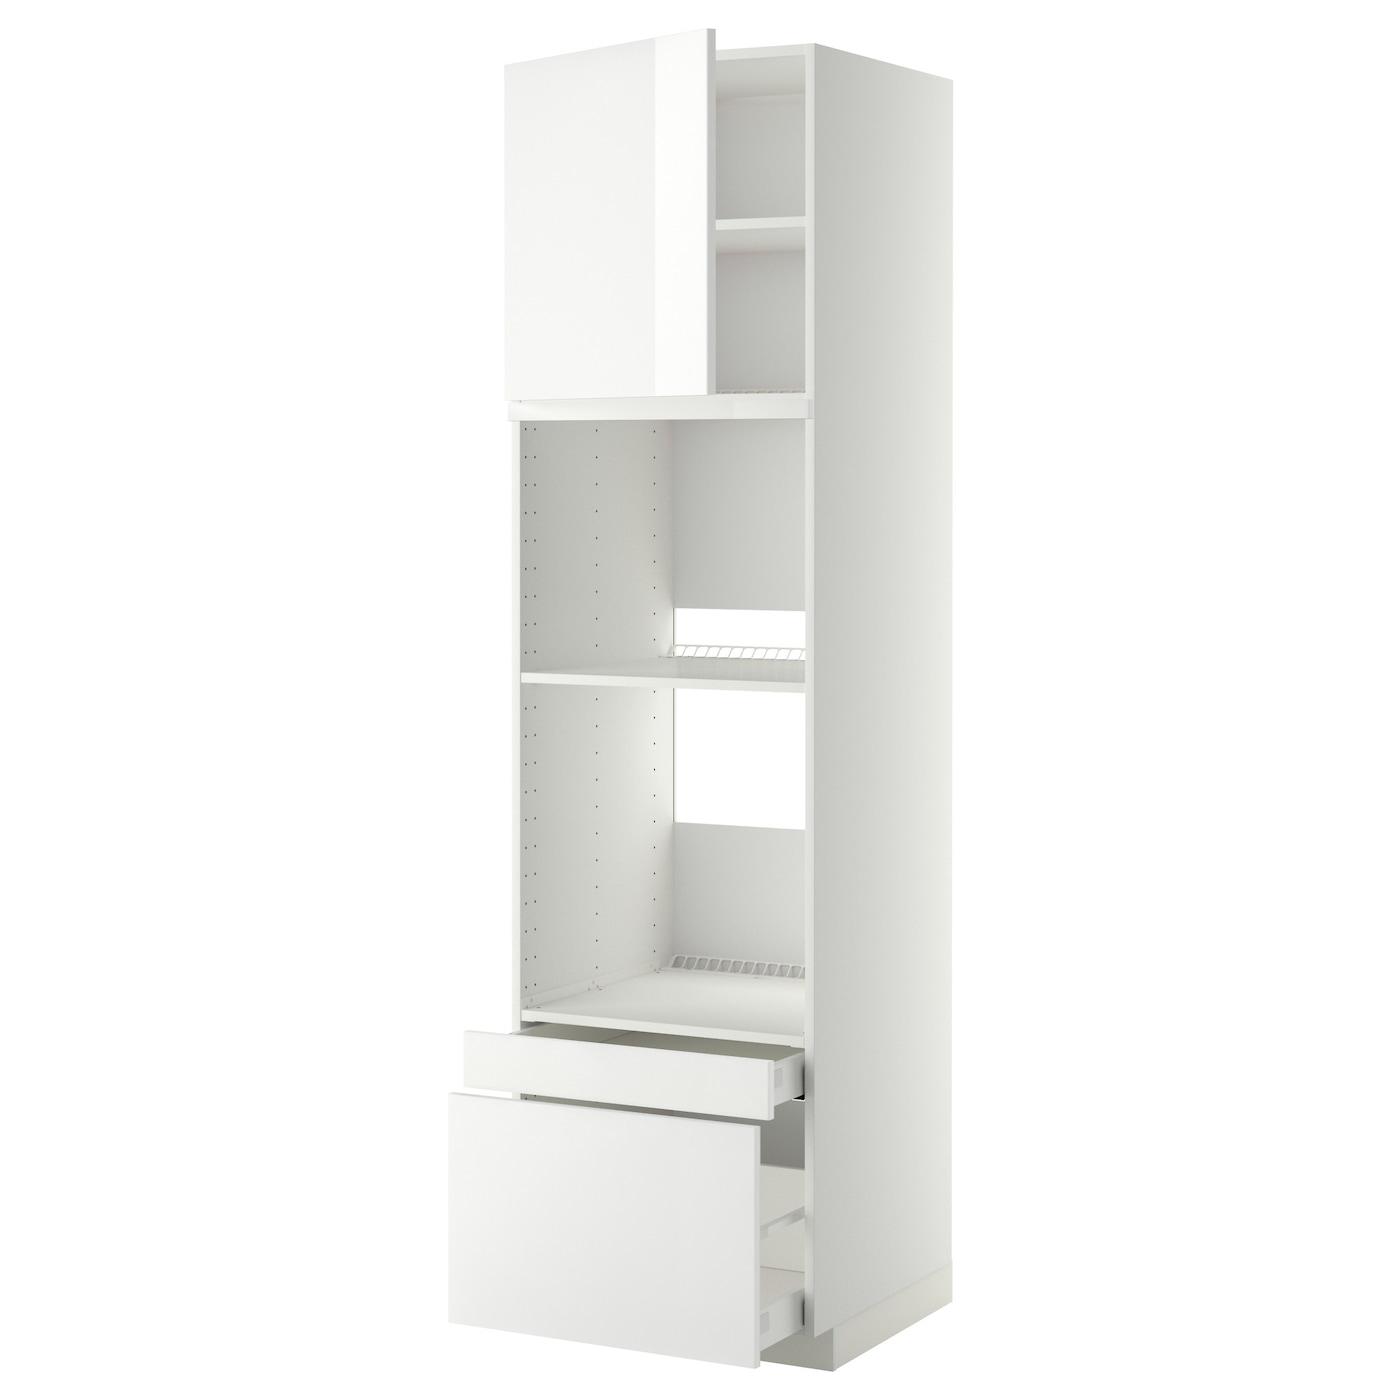 METOD / MAXIMERA, Hs für Ofen/Kombiof m Tür/2 Schubl, weiß 592.799.48